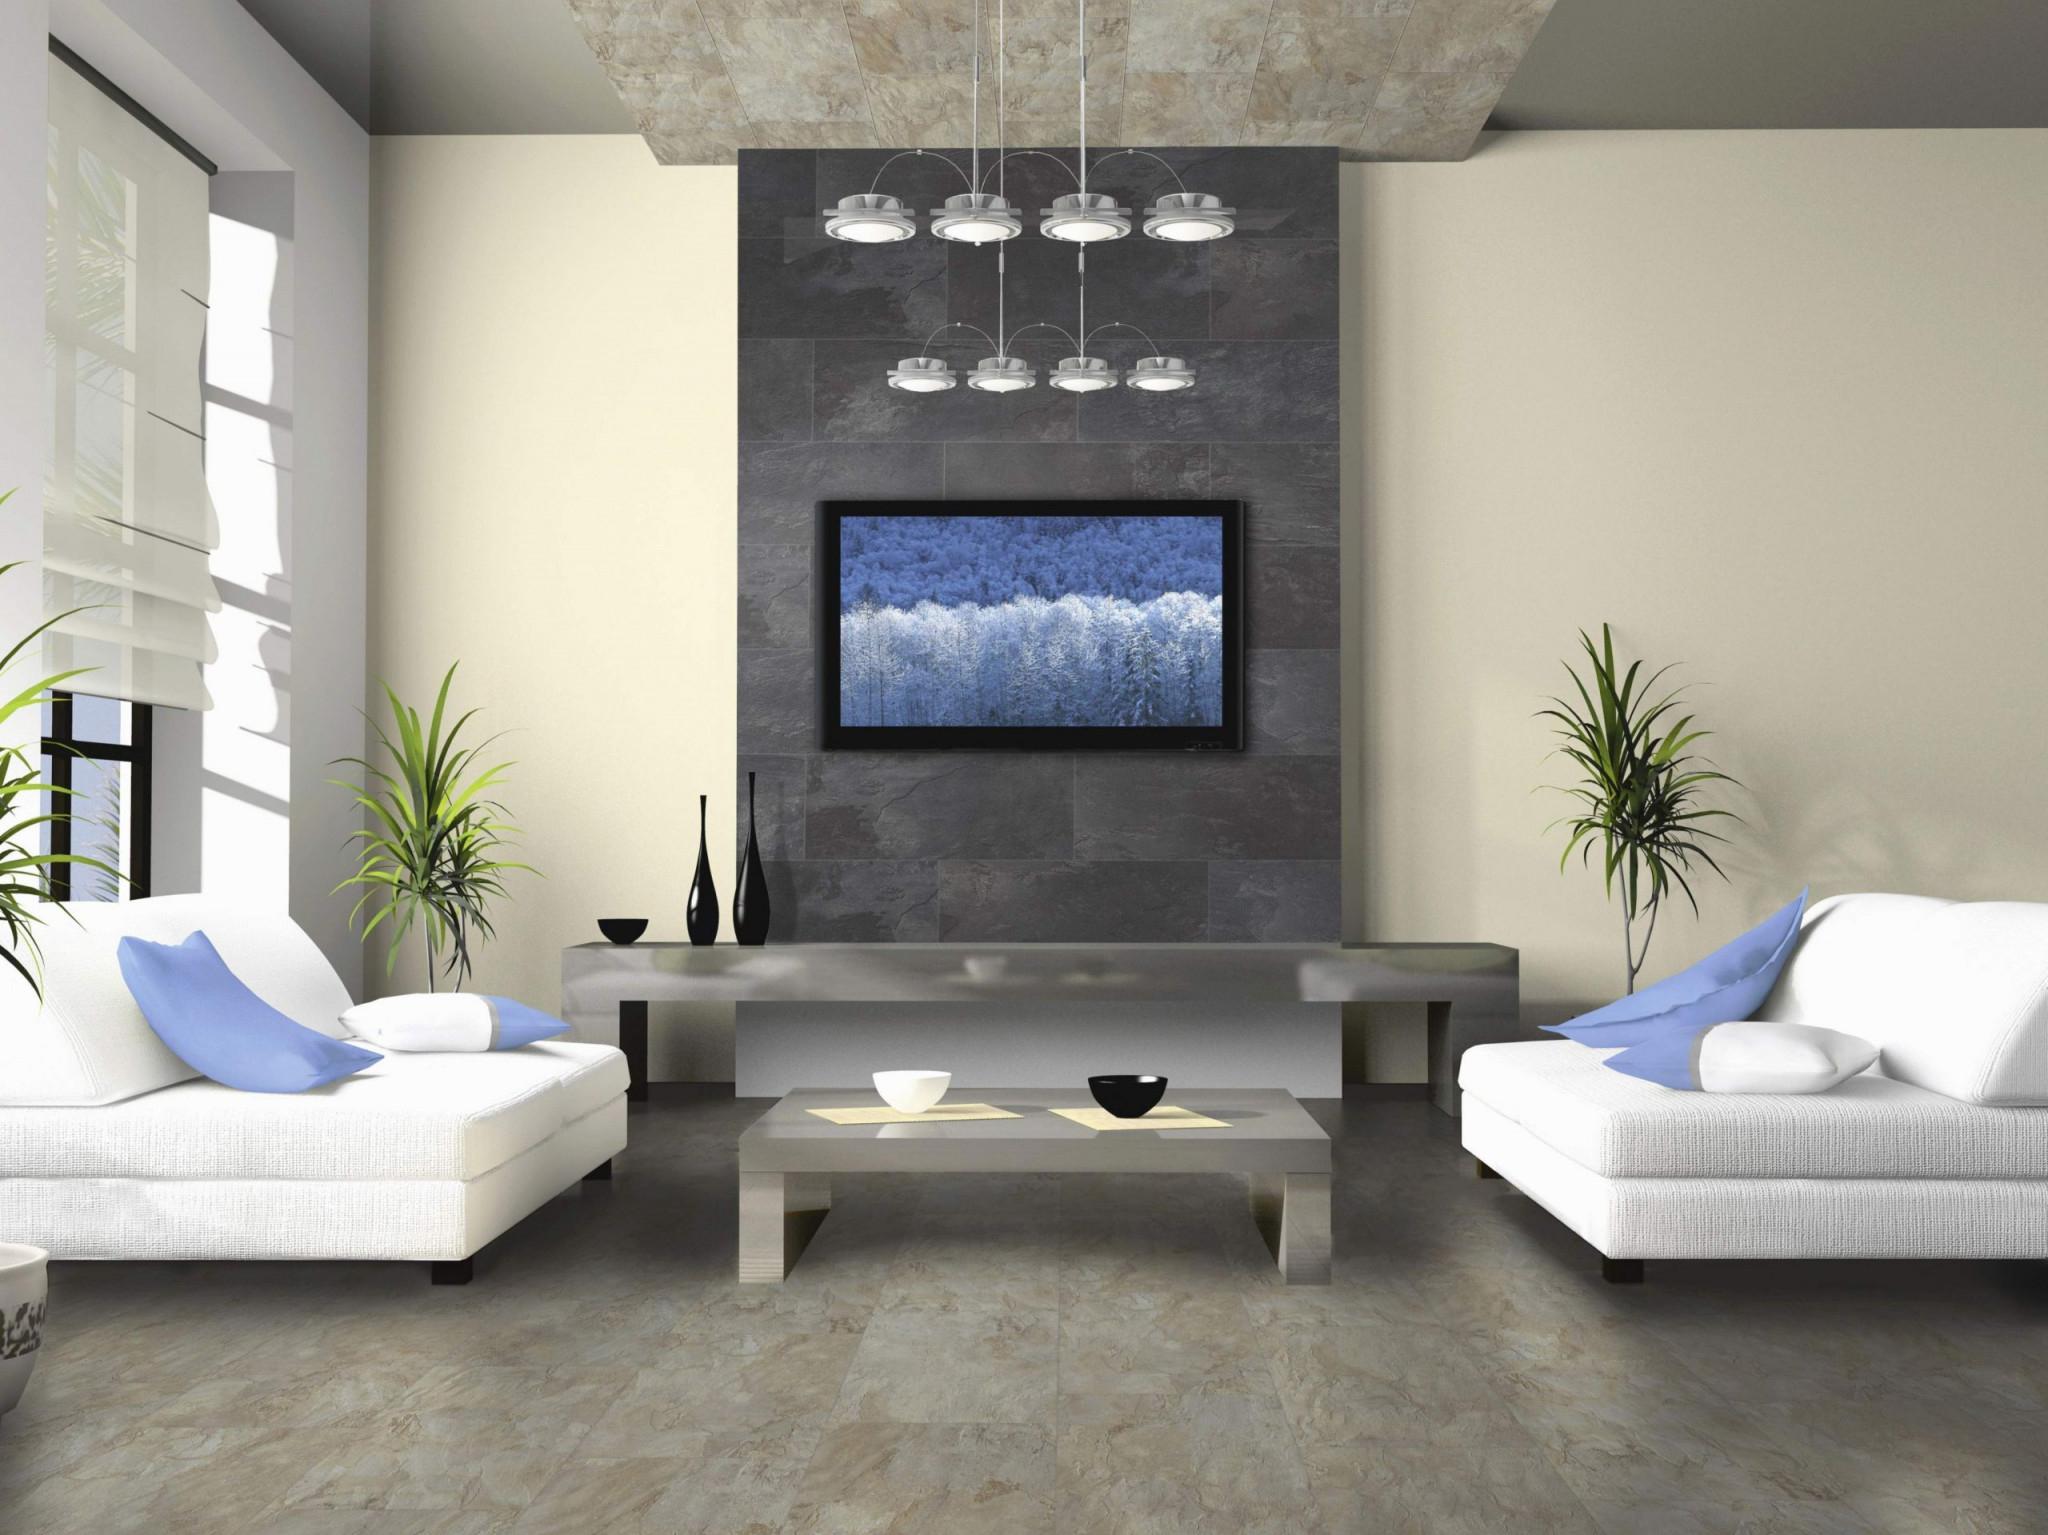 Moderne Wanddeko Wohnzimmer – Caseconrad von Moderne Wanddekoration Wohnzimmer Photo